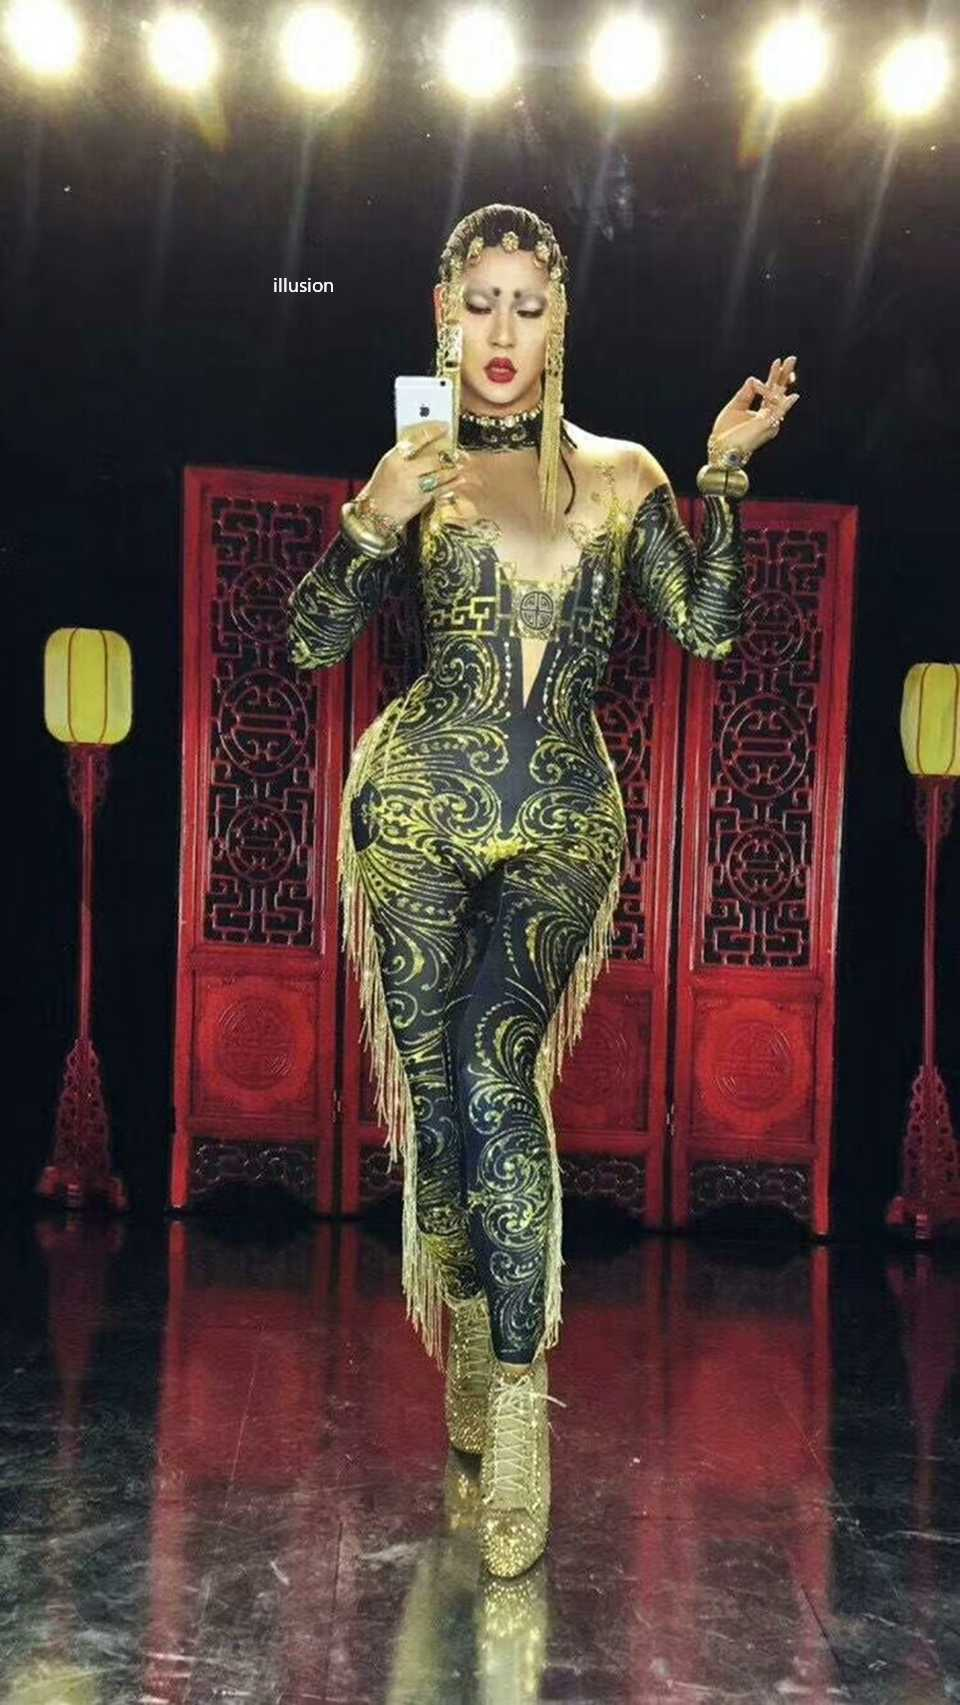 Seksowny zielony kombinezon z cekinowymi pomponami damskie legginsy z nadrukiem frędzle body sukienka rhinestone kostium taneczny Stage Wear klub nocny stroje